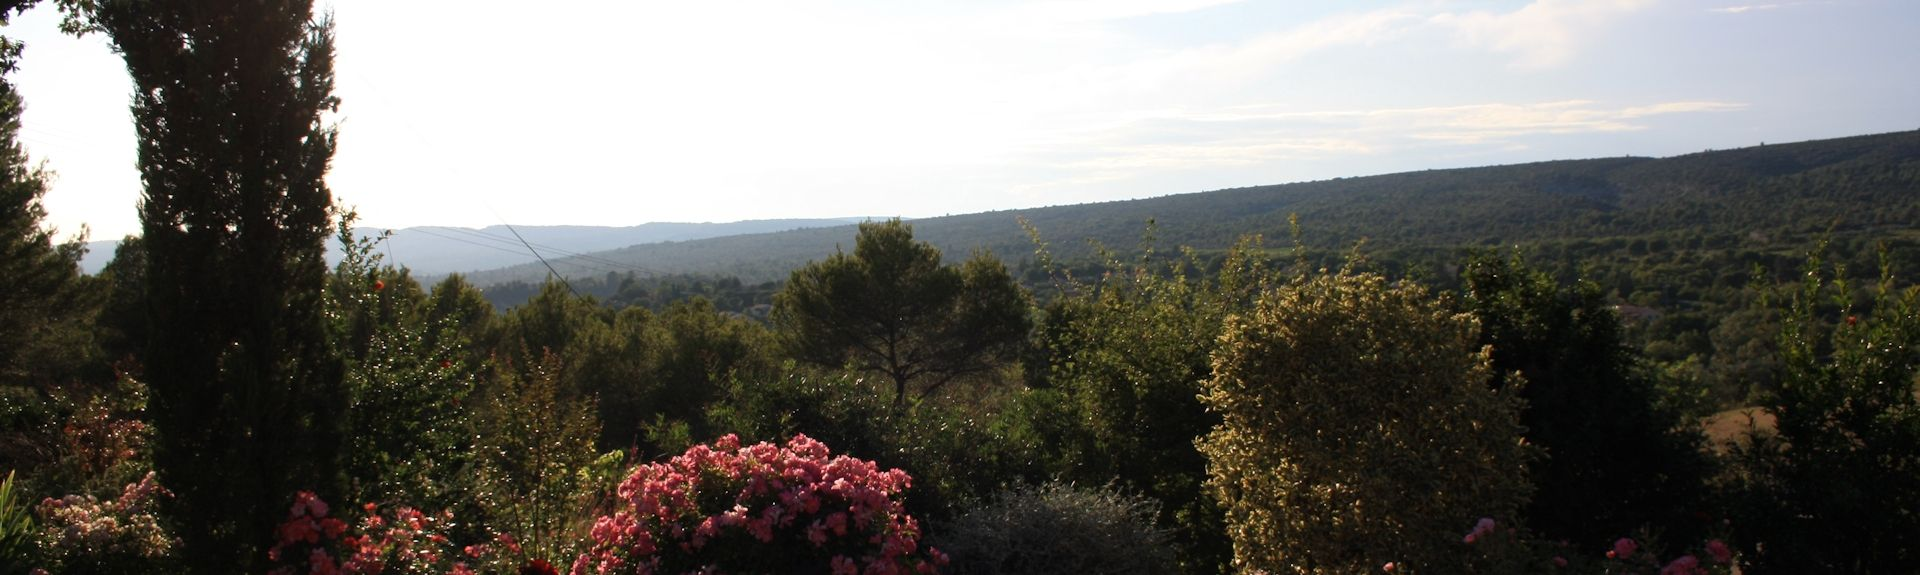 Valensole, Provence-Alpes-Côte d'Azur, França